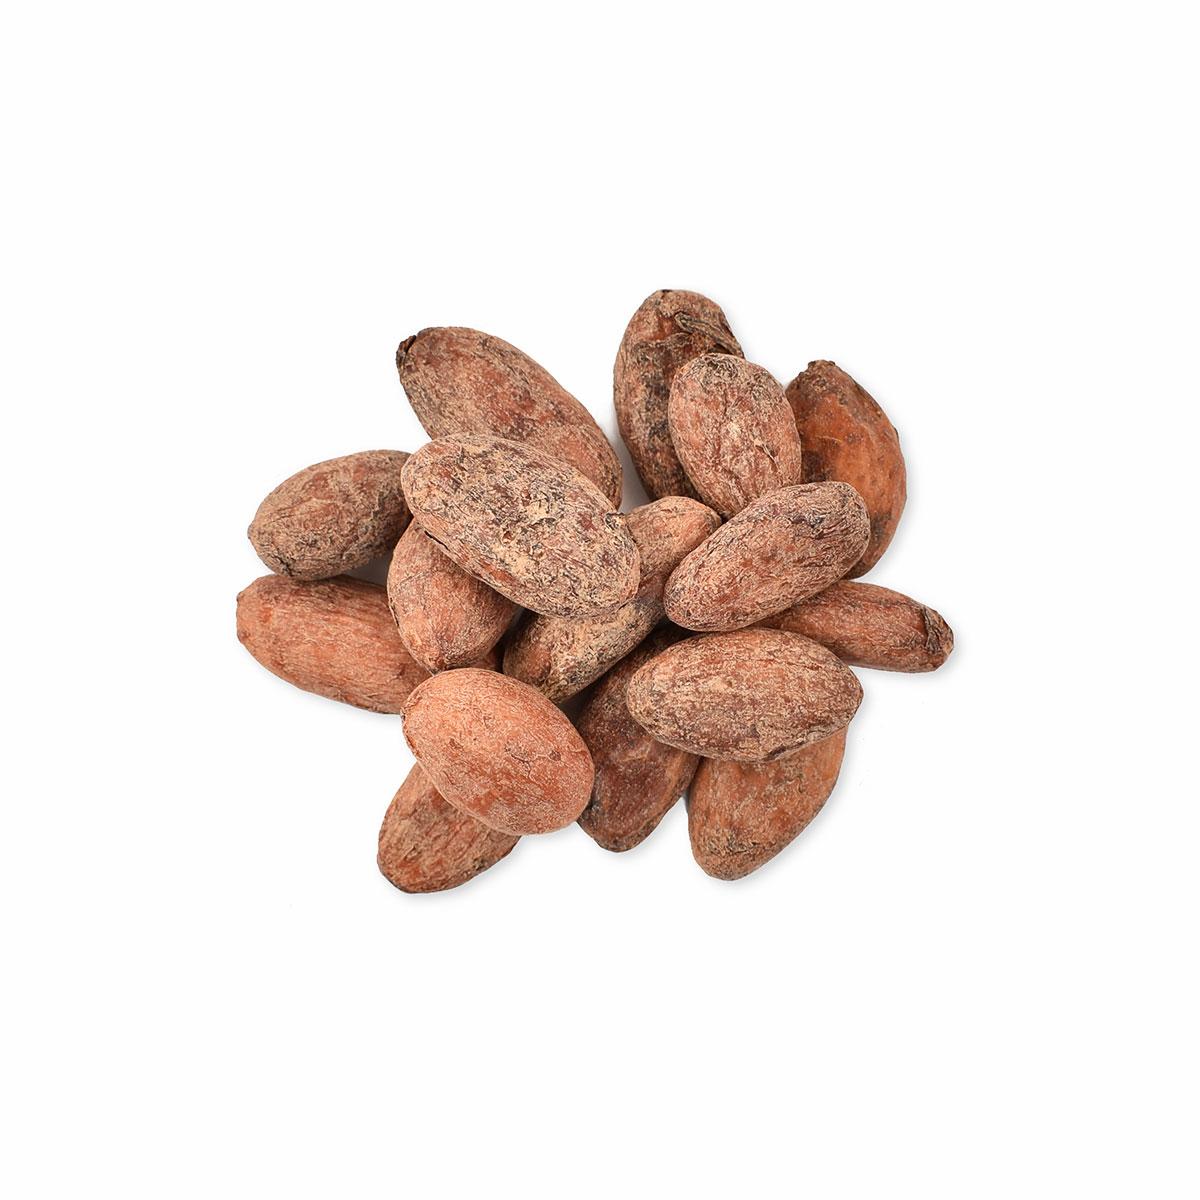 Hele rå kakaobønner